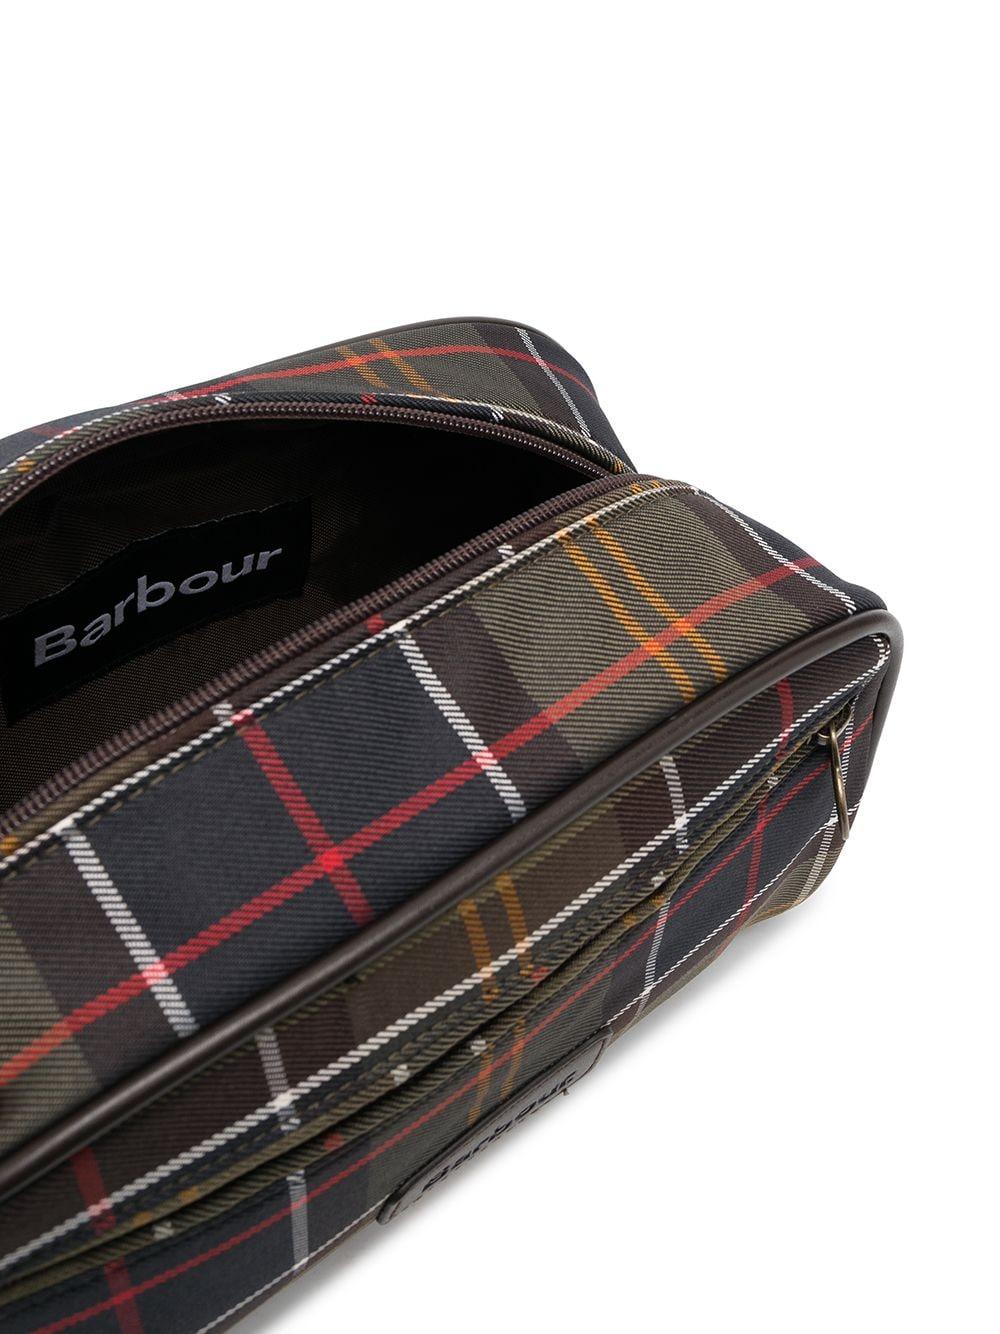 trousse tartan unisex multicolor BARBOUR | Bags | MAC0396TN11